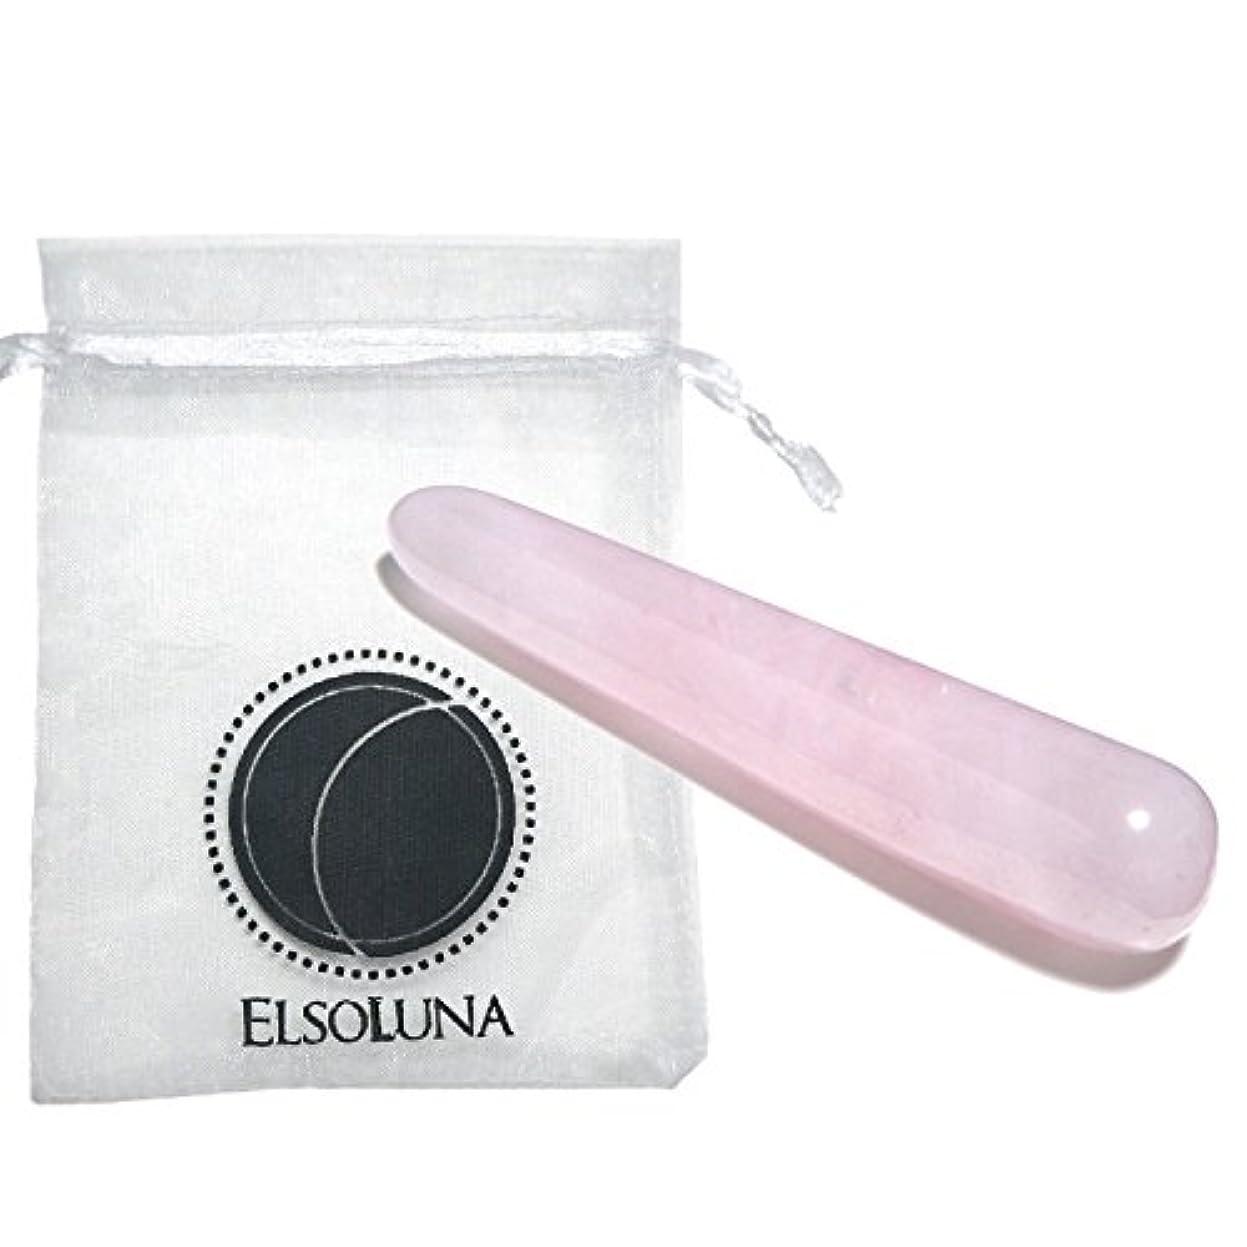 広がり警察署人里離れたElsoluna(エルソルーナ) かっさプレート かっさマッサージ 美顔 天然石 パワーストーン (アウトレット ローズクォーツ スティック型, ピンク)